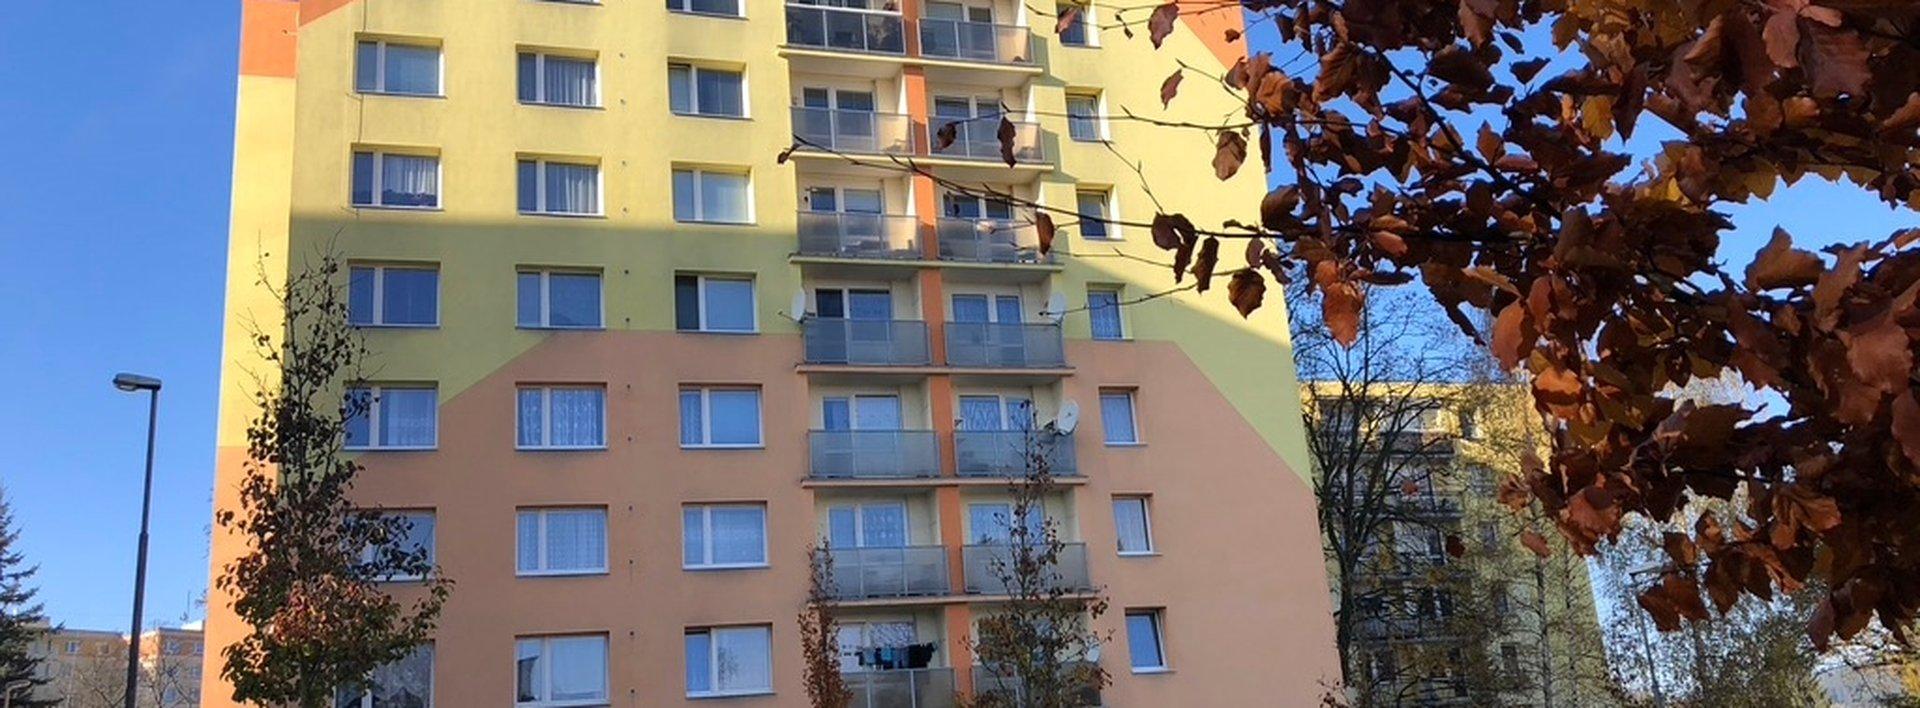 Prodej bytu 2+kk s lodžií, 47 m² - Jablonec nad Nisou, ul. Havlíčkova, Ev.č.: N48913